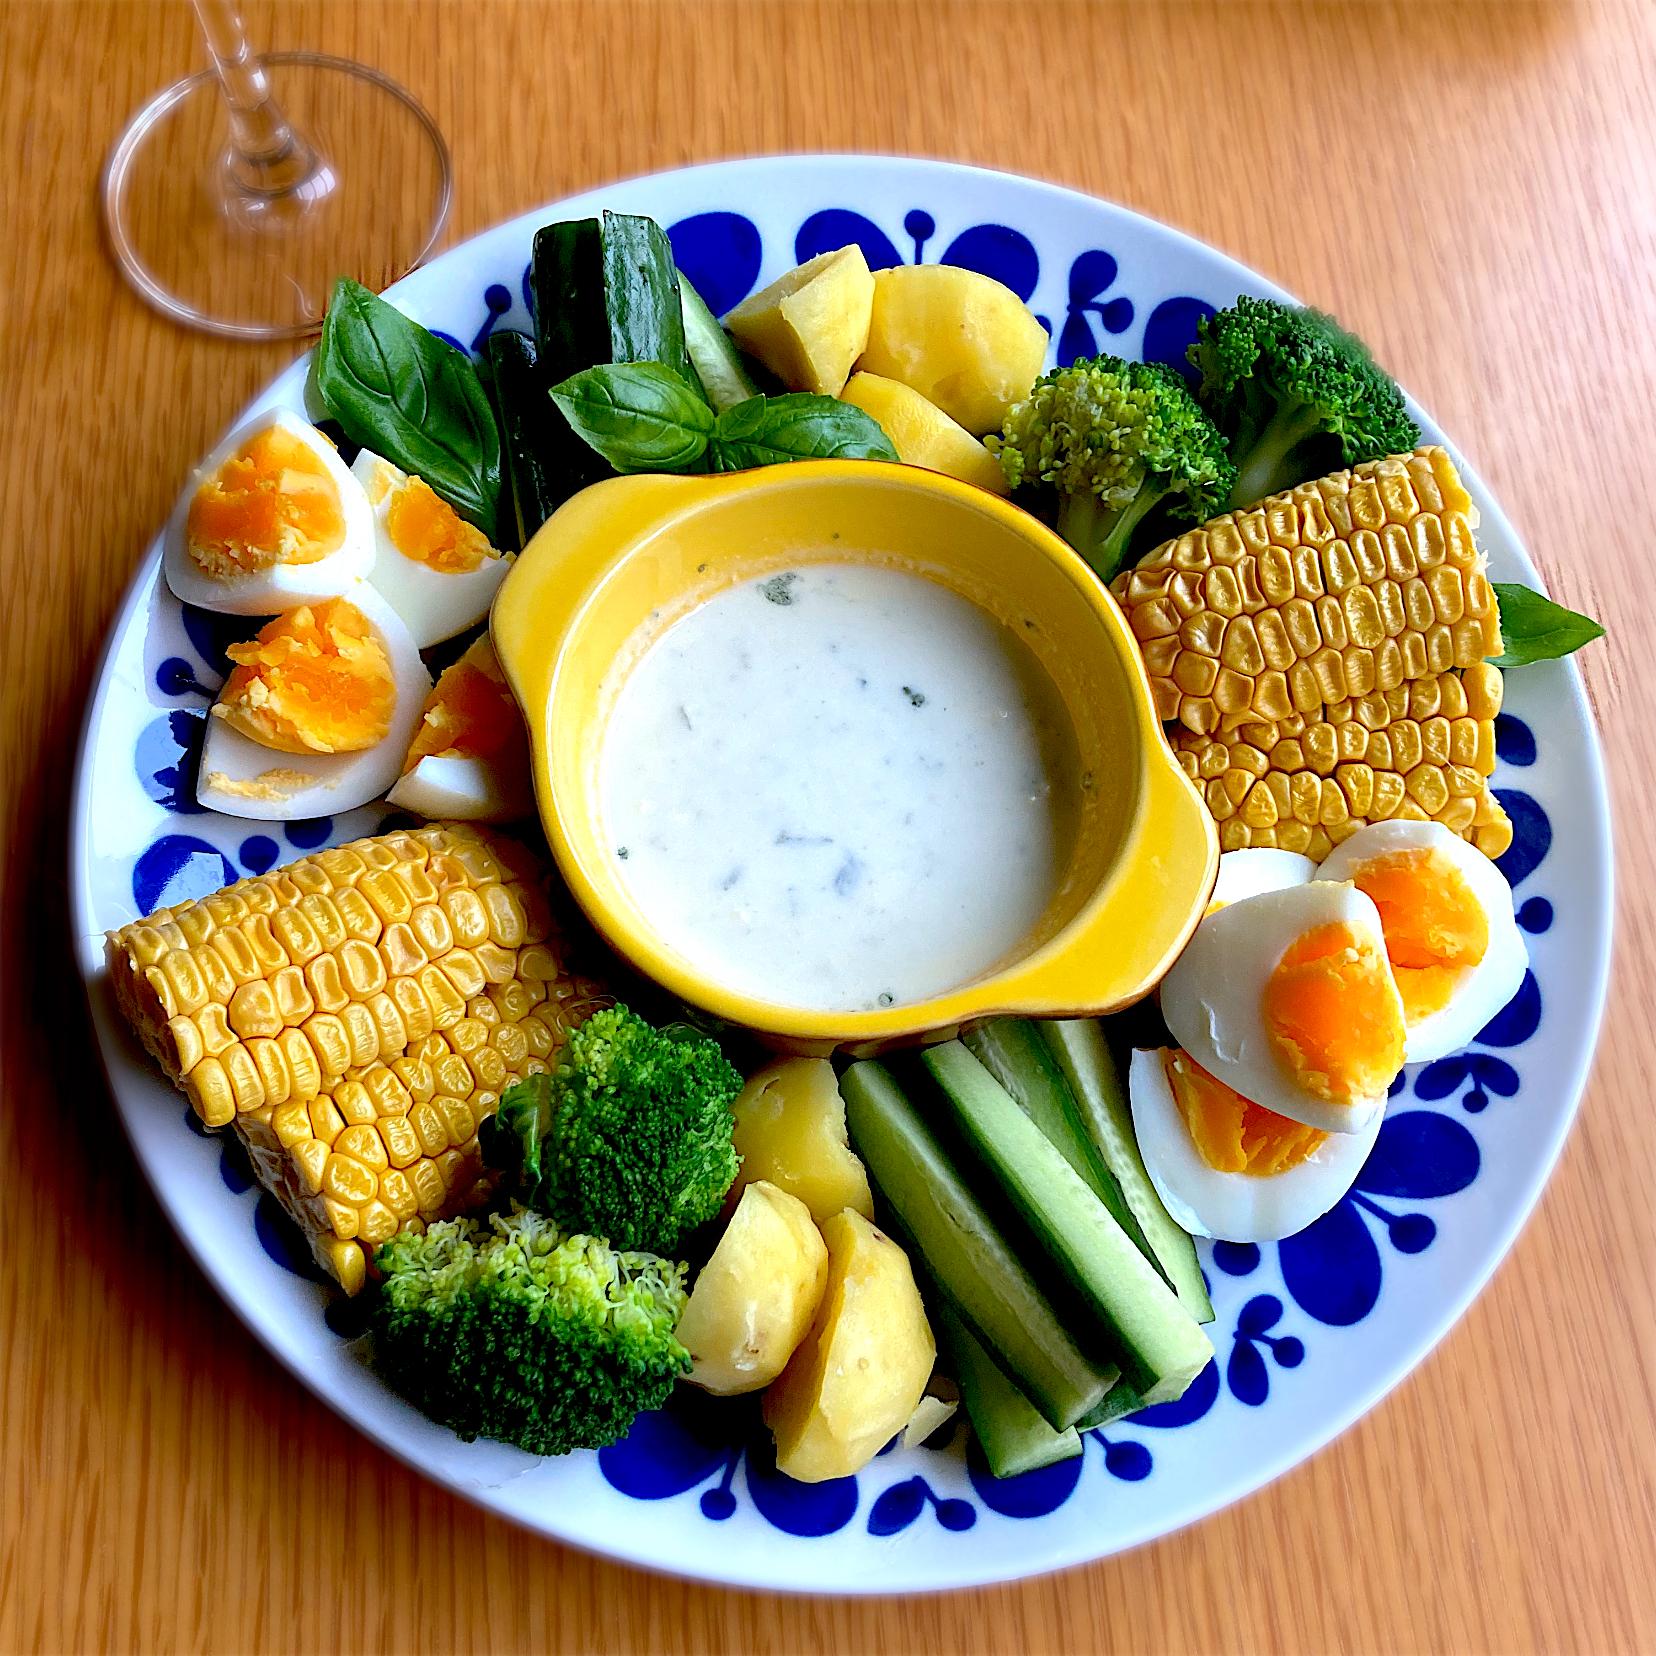 夏野菜のブルーチーズディップ